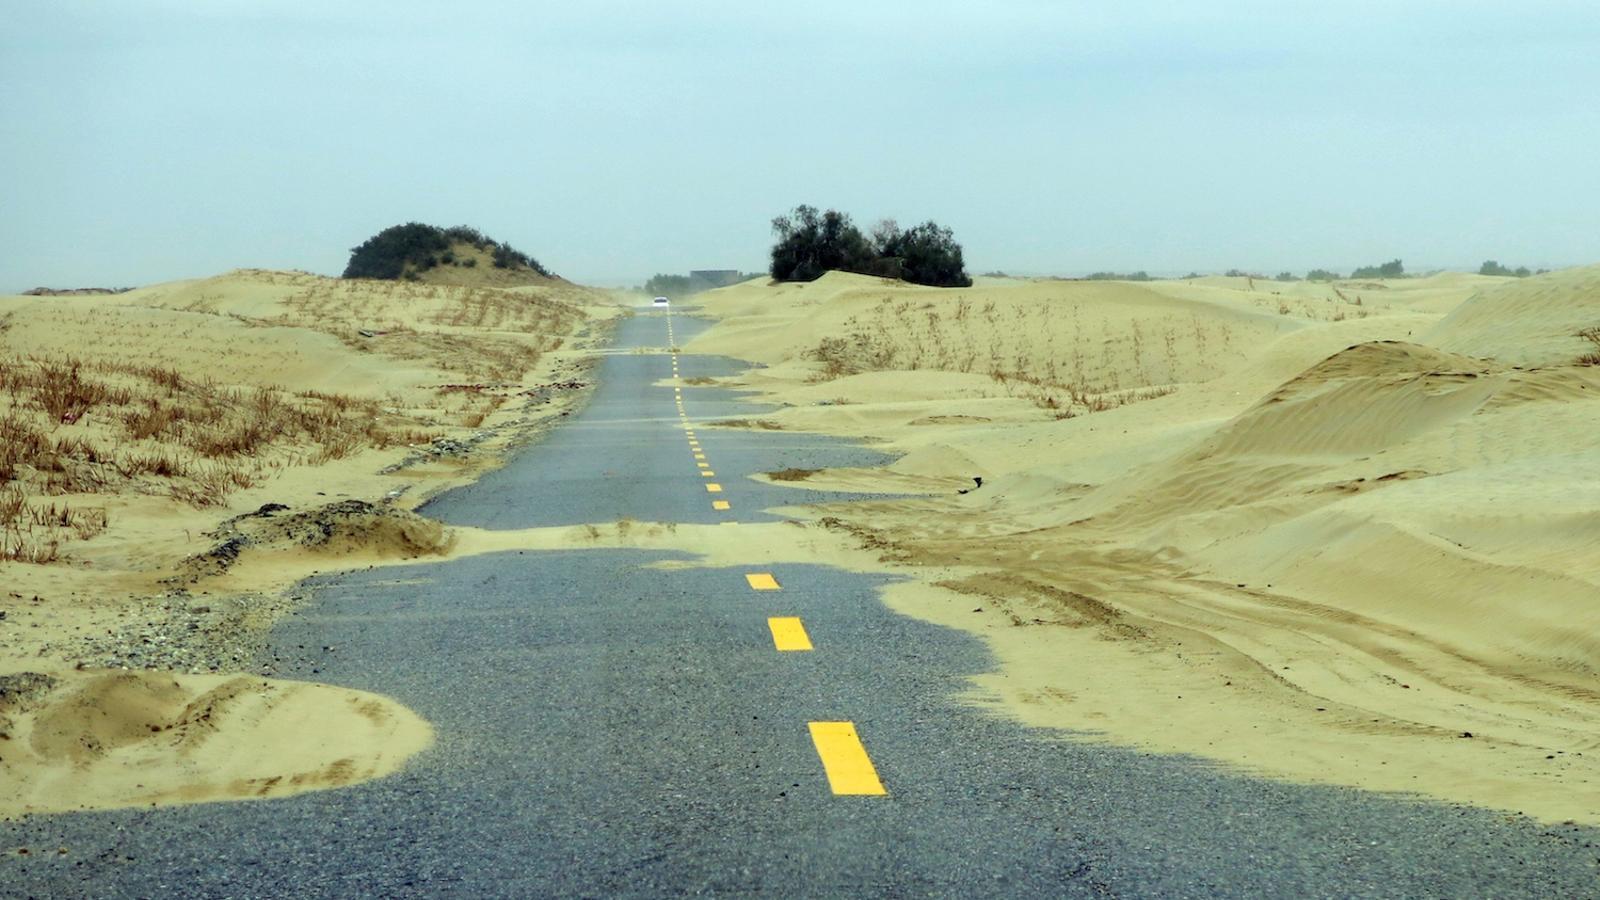 Travessar el desert al llarg de 650 quilòmetre per una carretera on circulen ben pocs cotxes és una experiència úncia